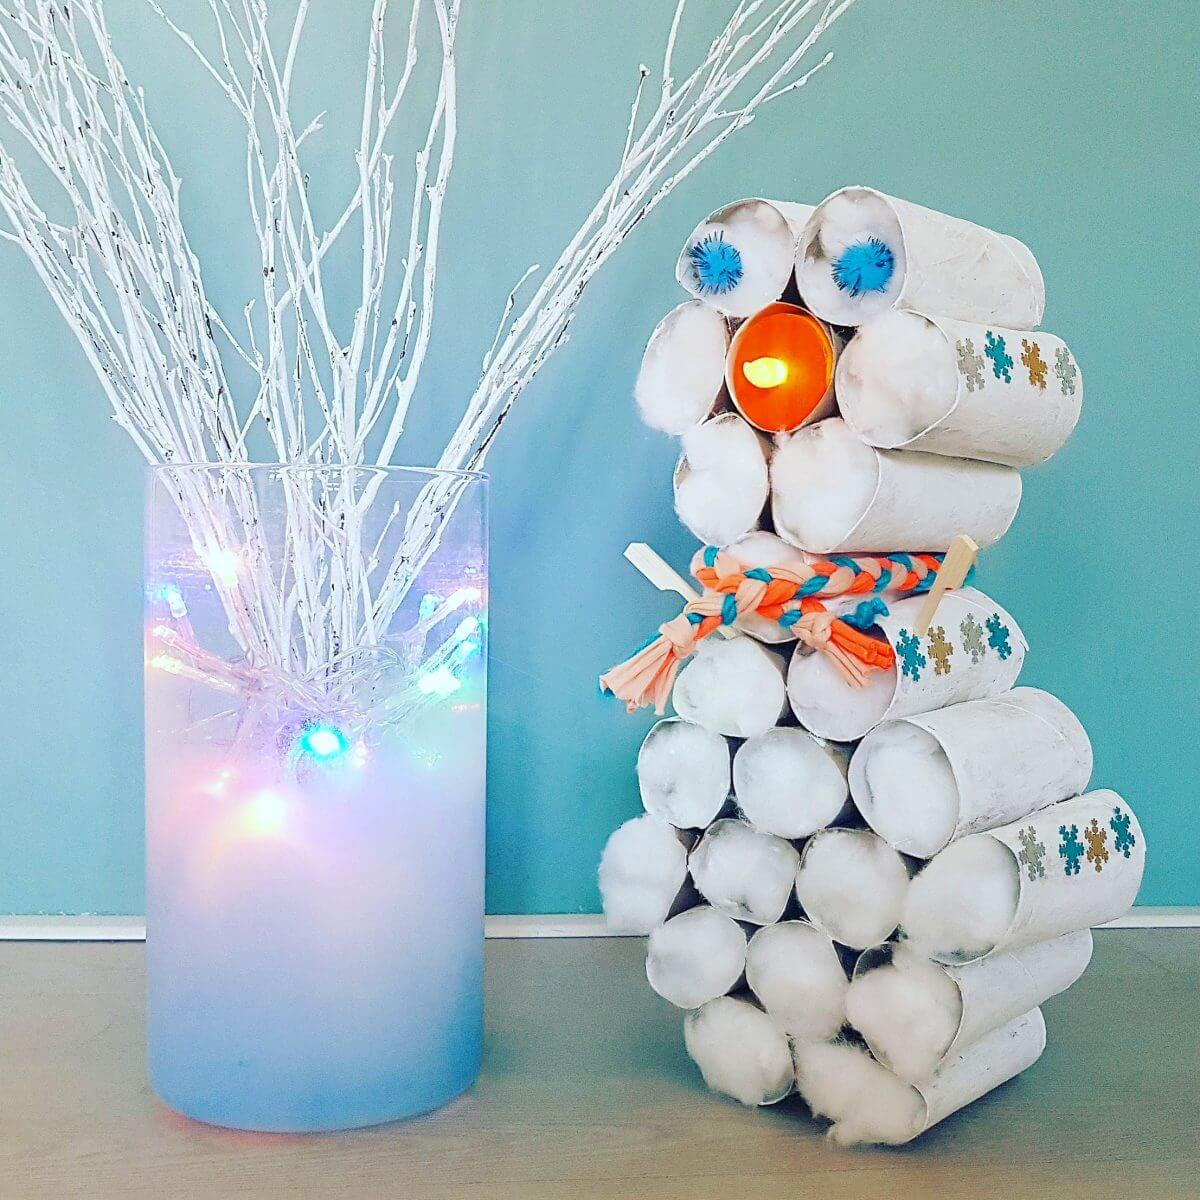 Winter knutselen: een sneeuwpop maken van wc rollen